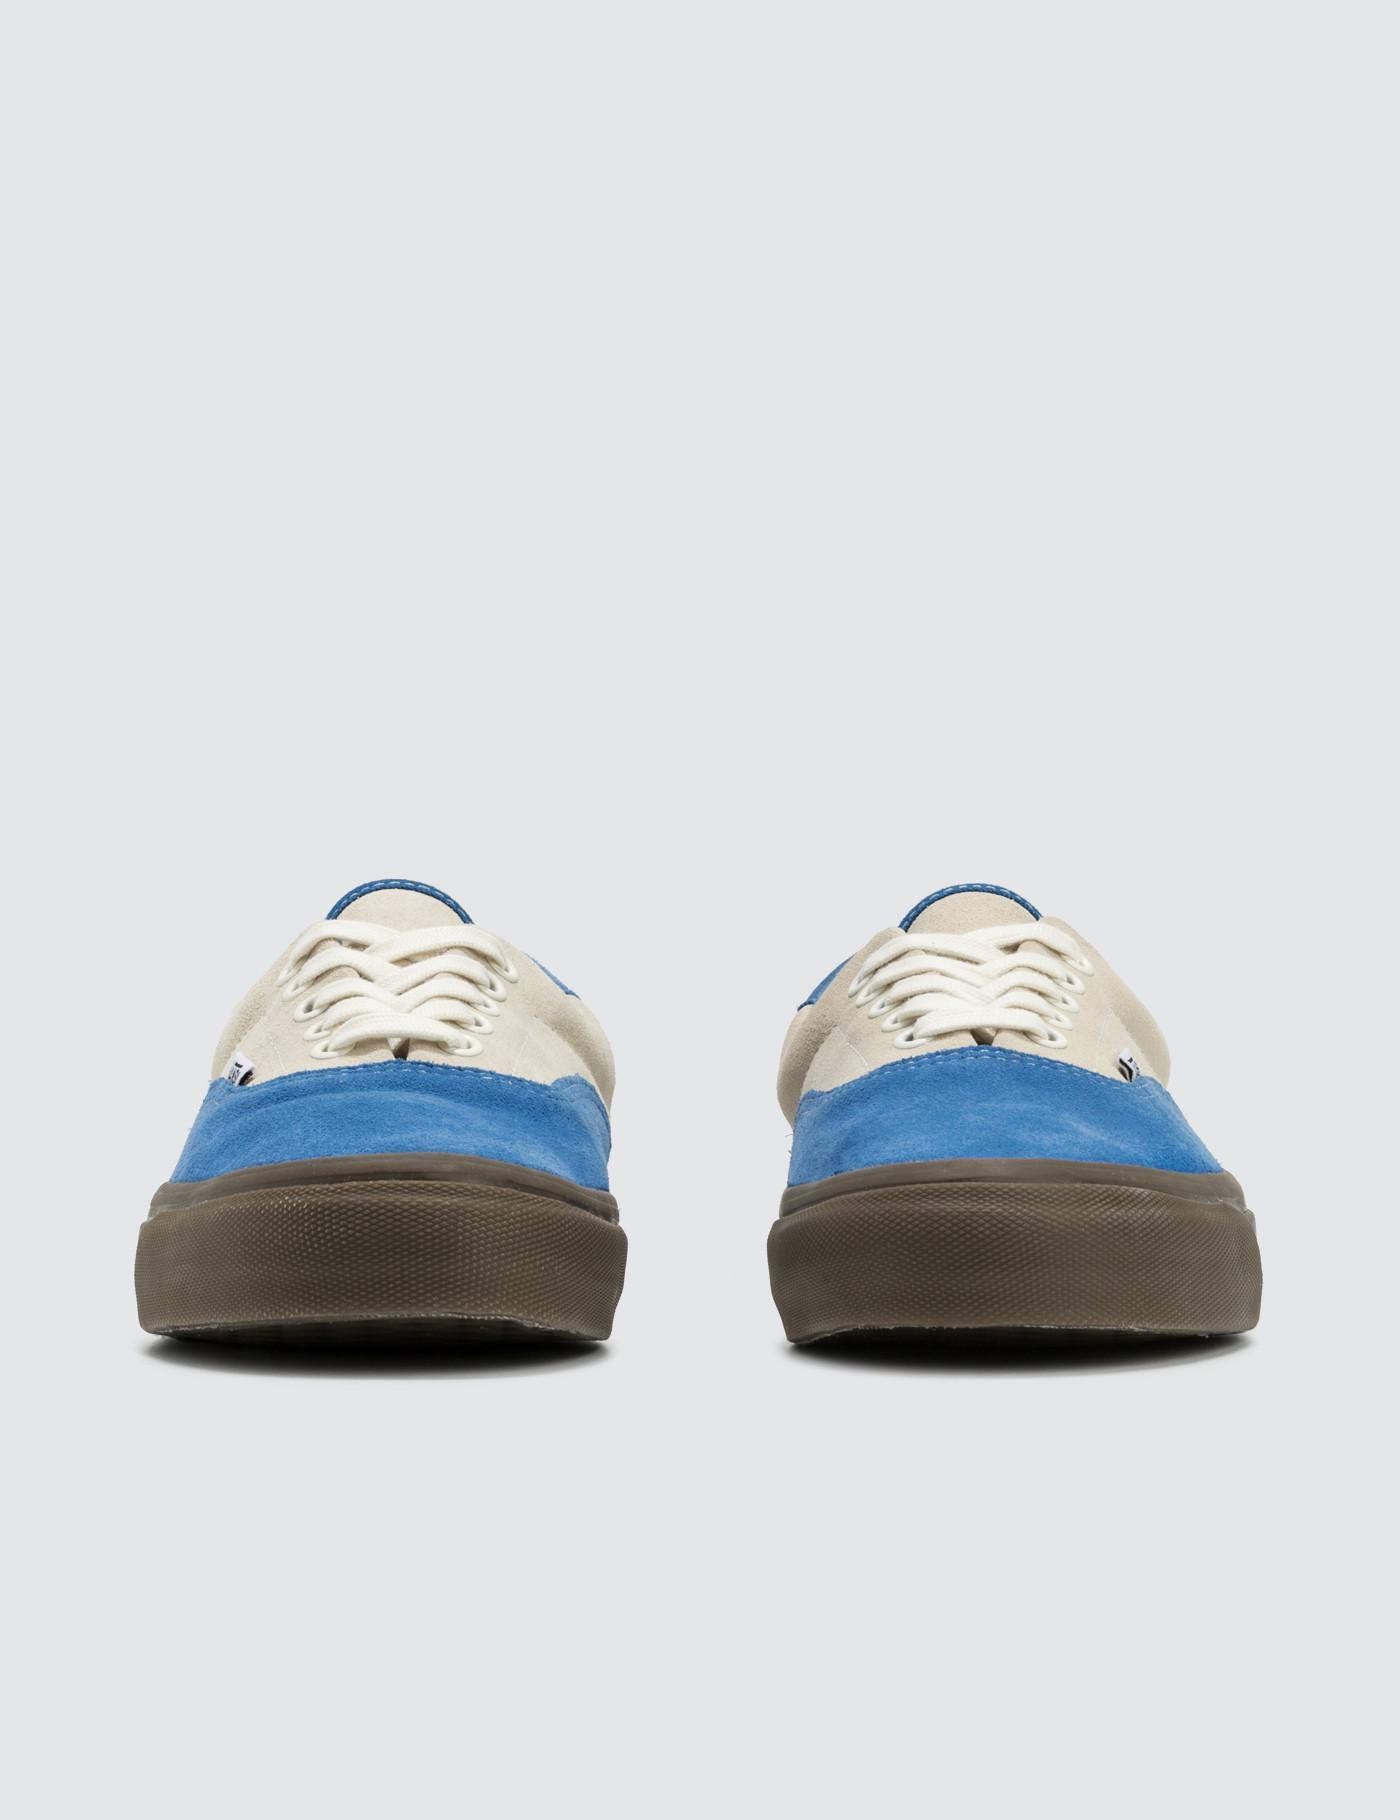 c392d57b5df Lyst - Vans Vault Og Era 59 Lx in Blue for Men - Save 10%